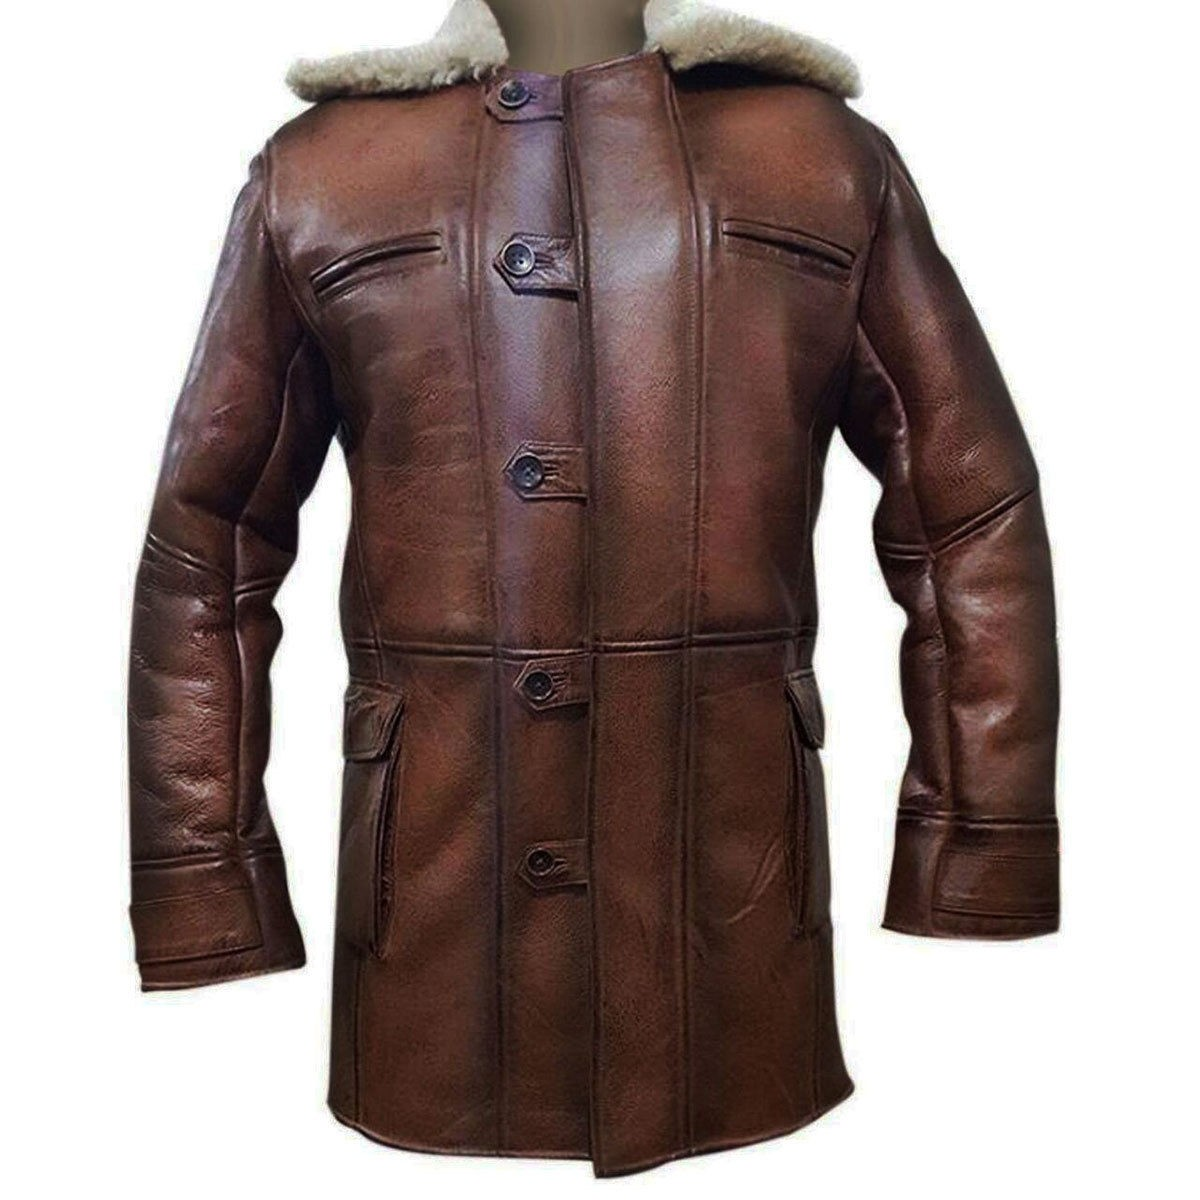 Bane Coat